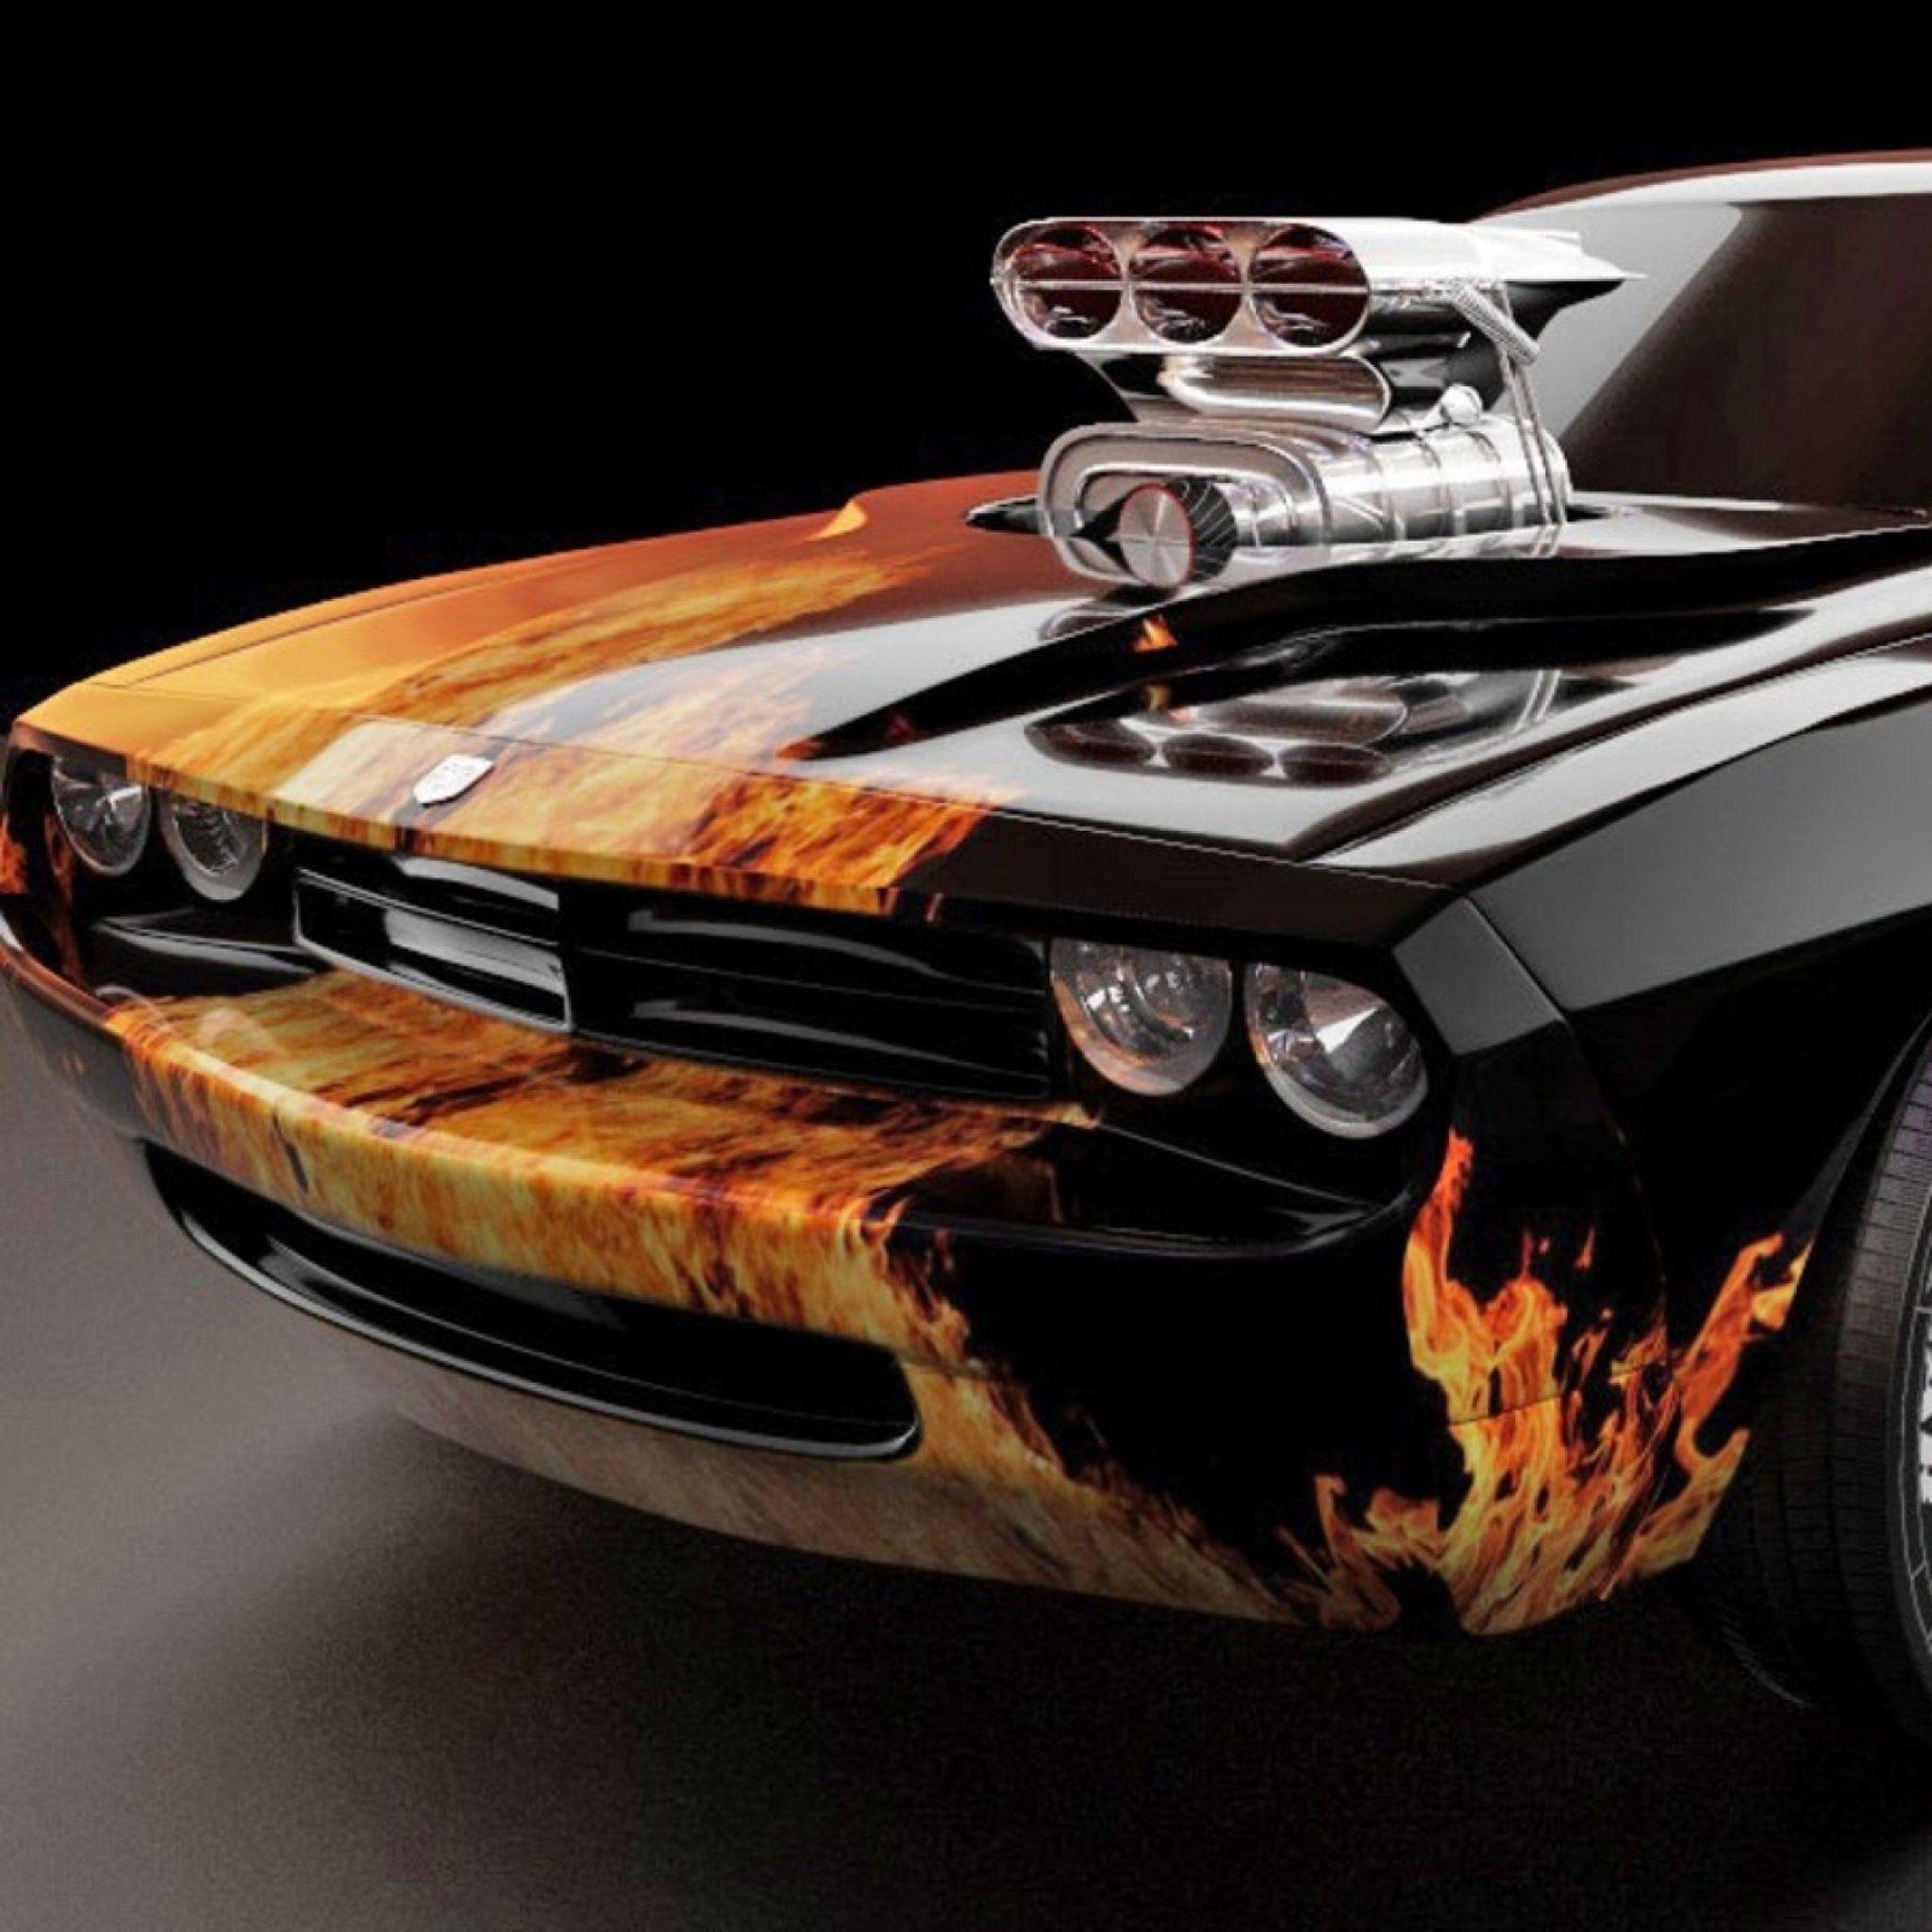 muscle cars cars muscle cars old muscle cars hot. Black Bedroom Furniture Sets. Home Design Ideas